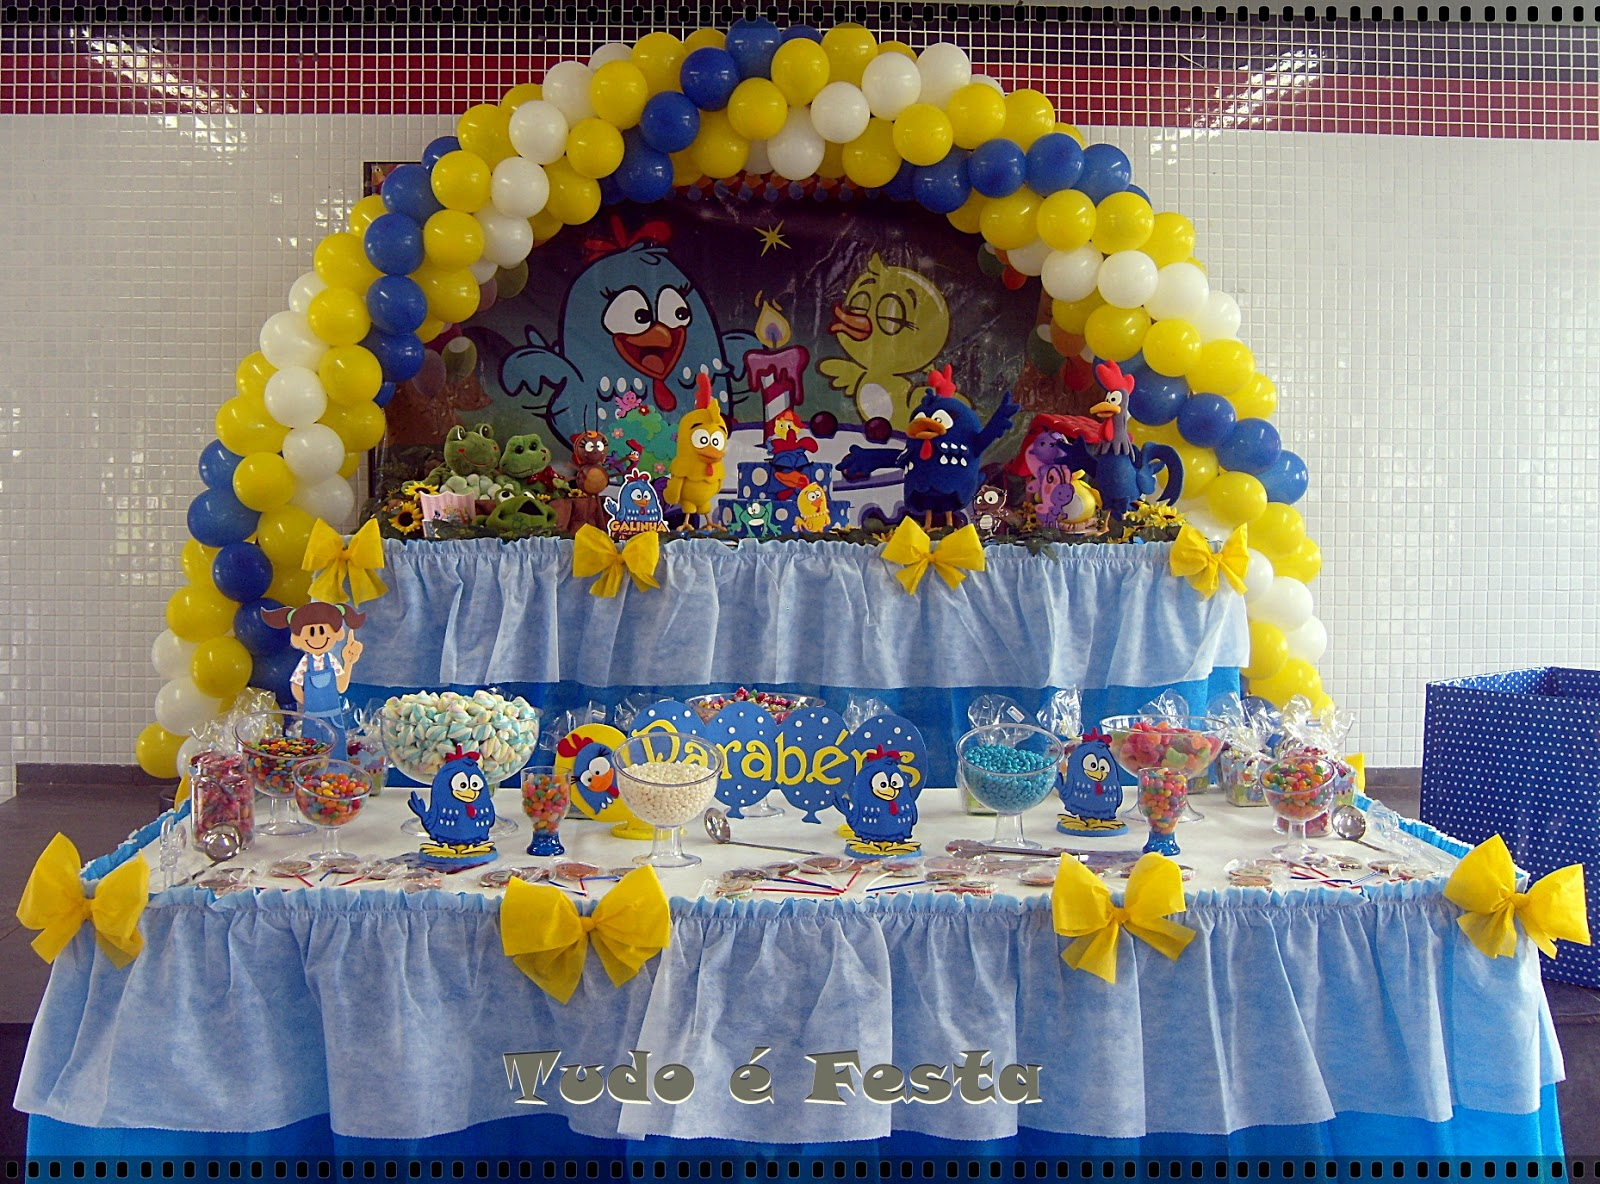 decoracao galinha pintadinha azul e amarelo:Andréiartes: Decoração Galinha Pintadinha Amarelo